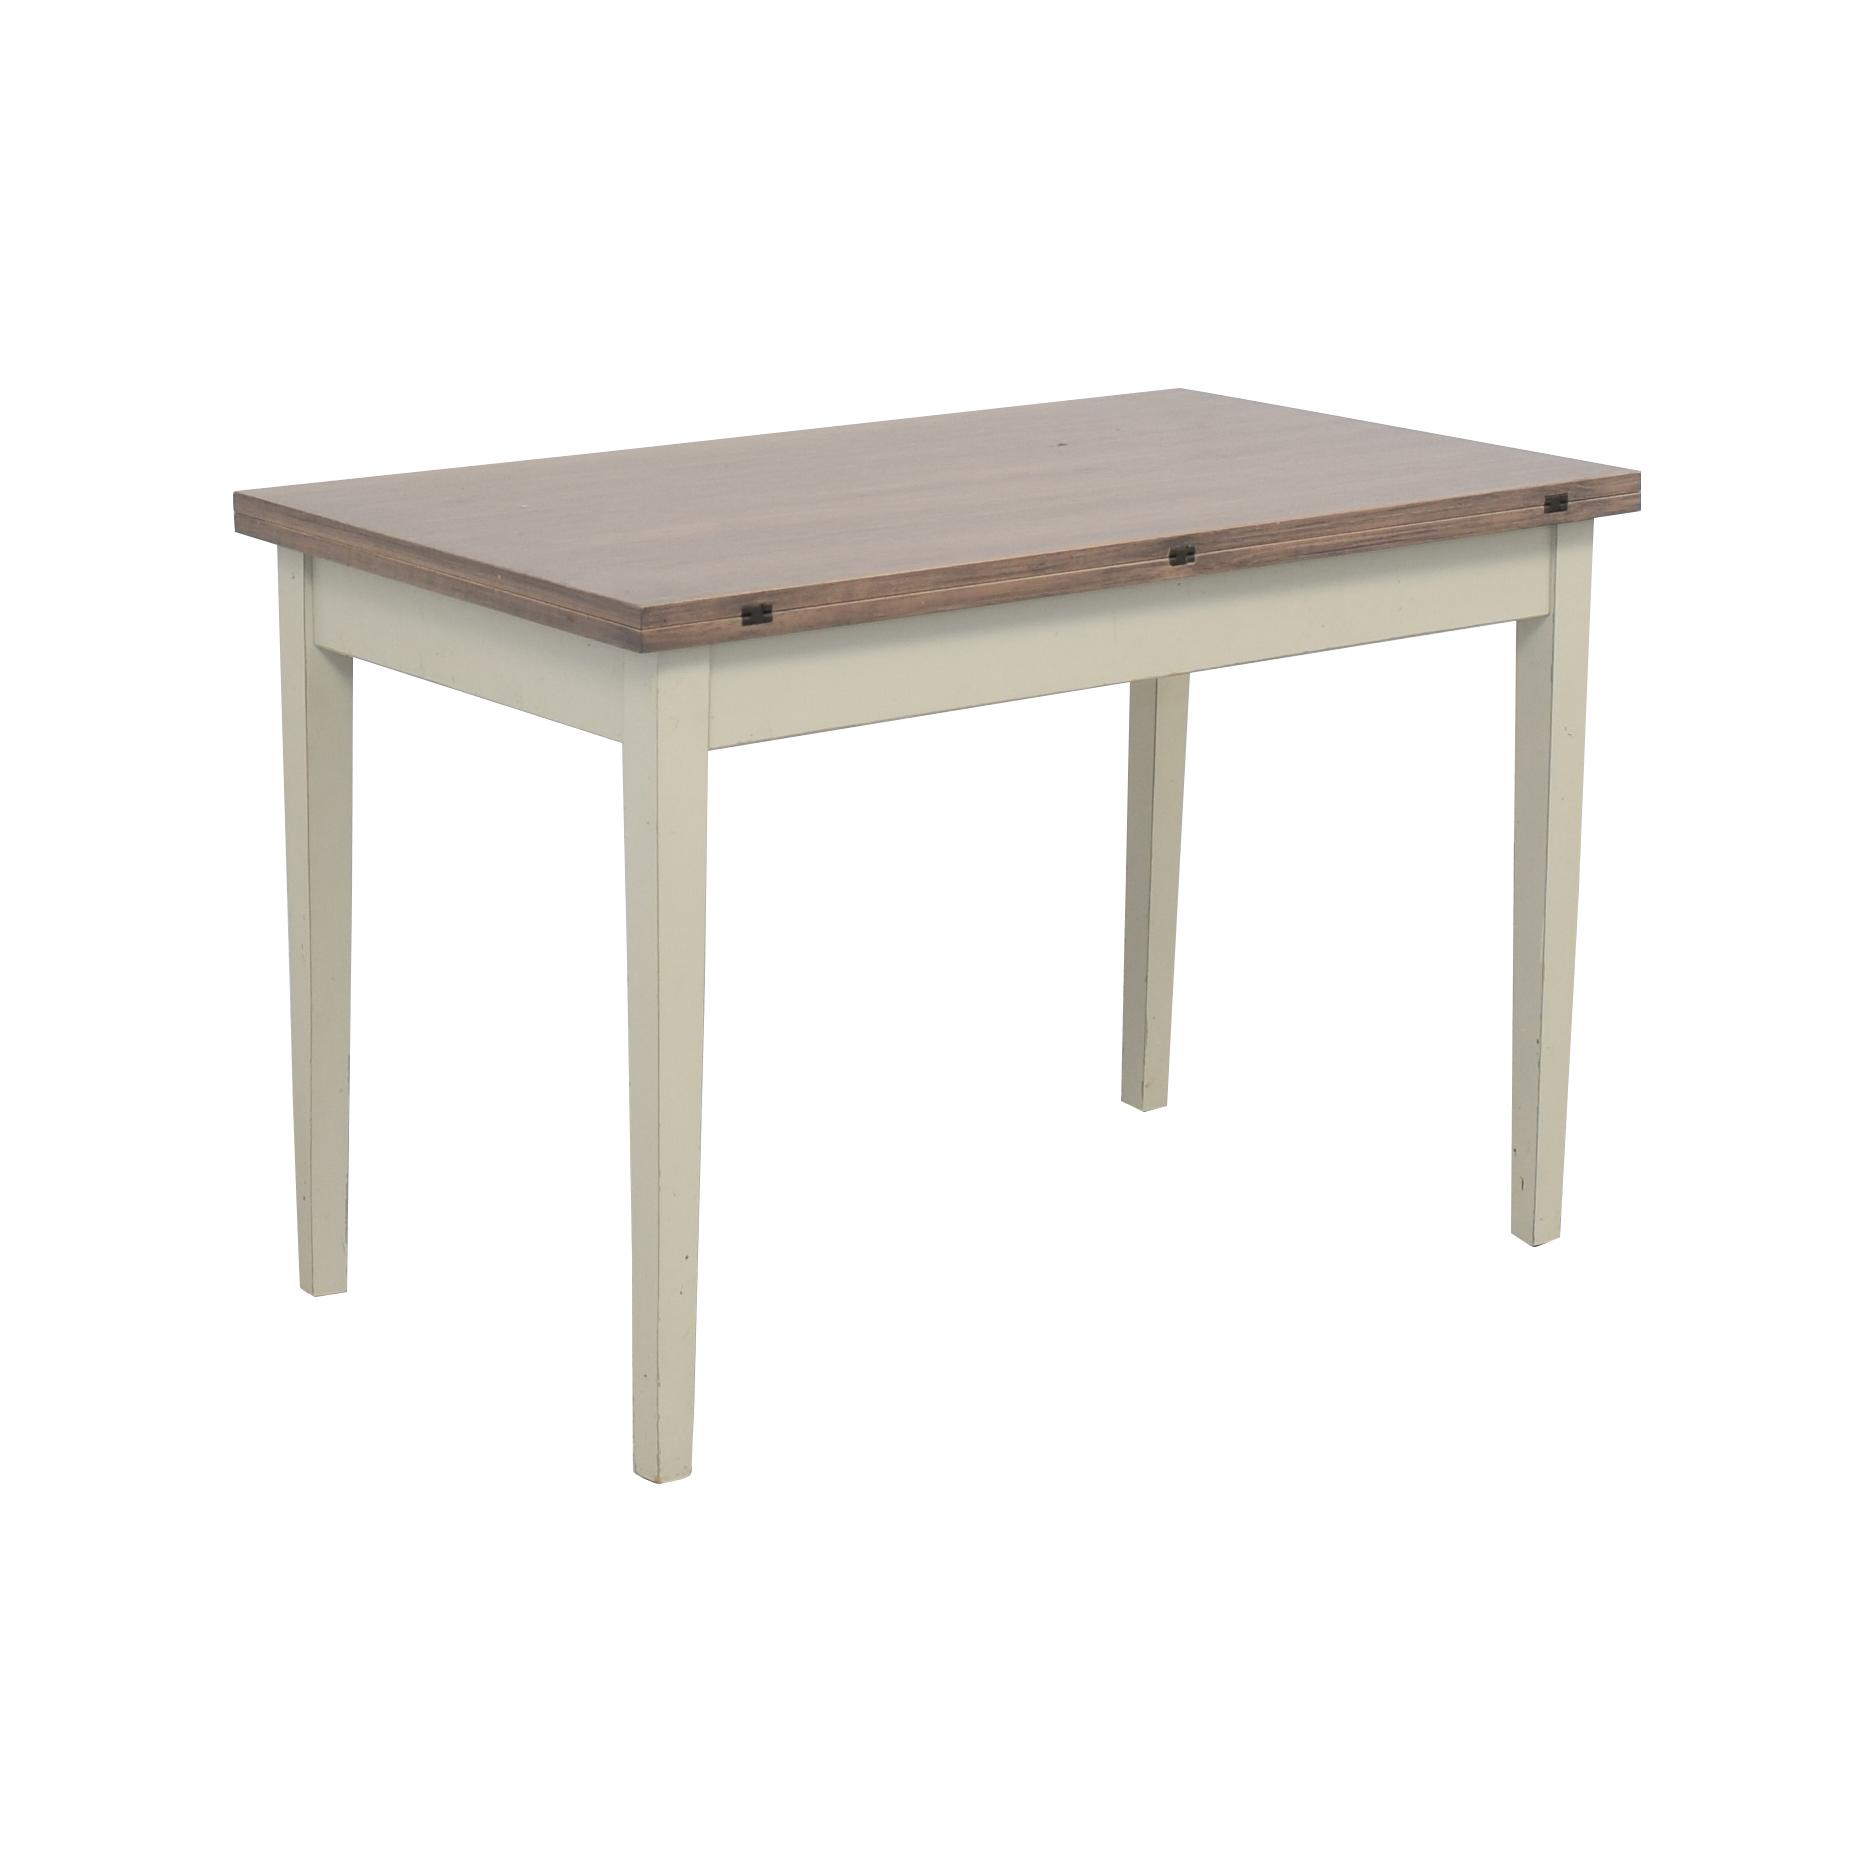 Crate & Barrel Crate & Barrel Flip Table grey